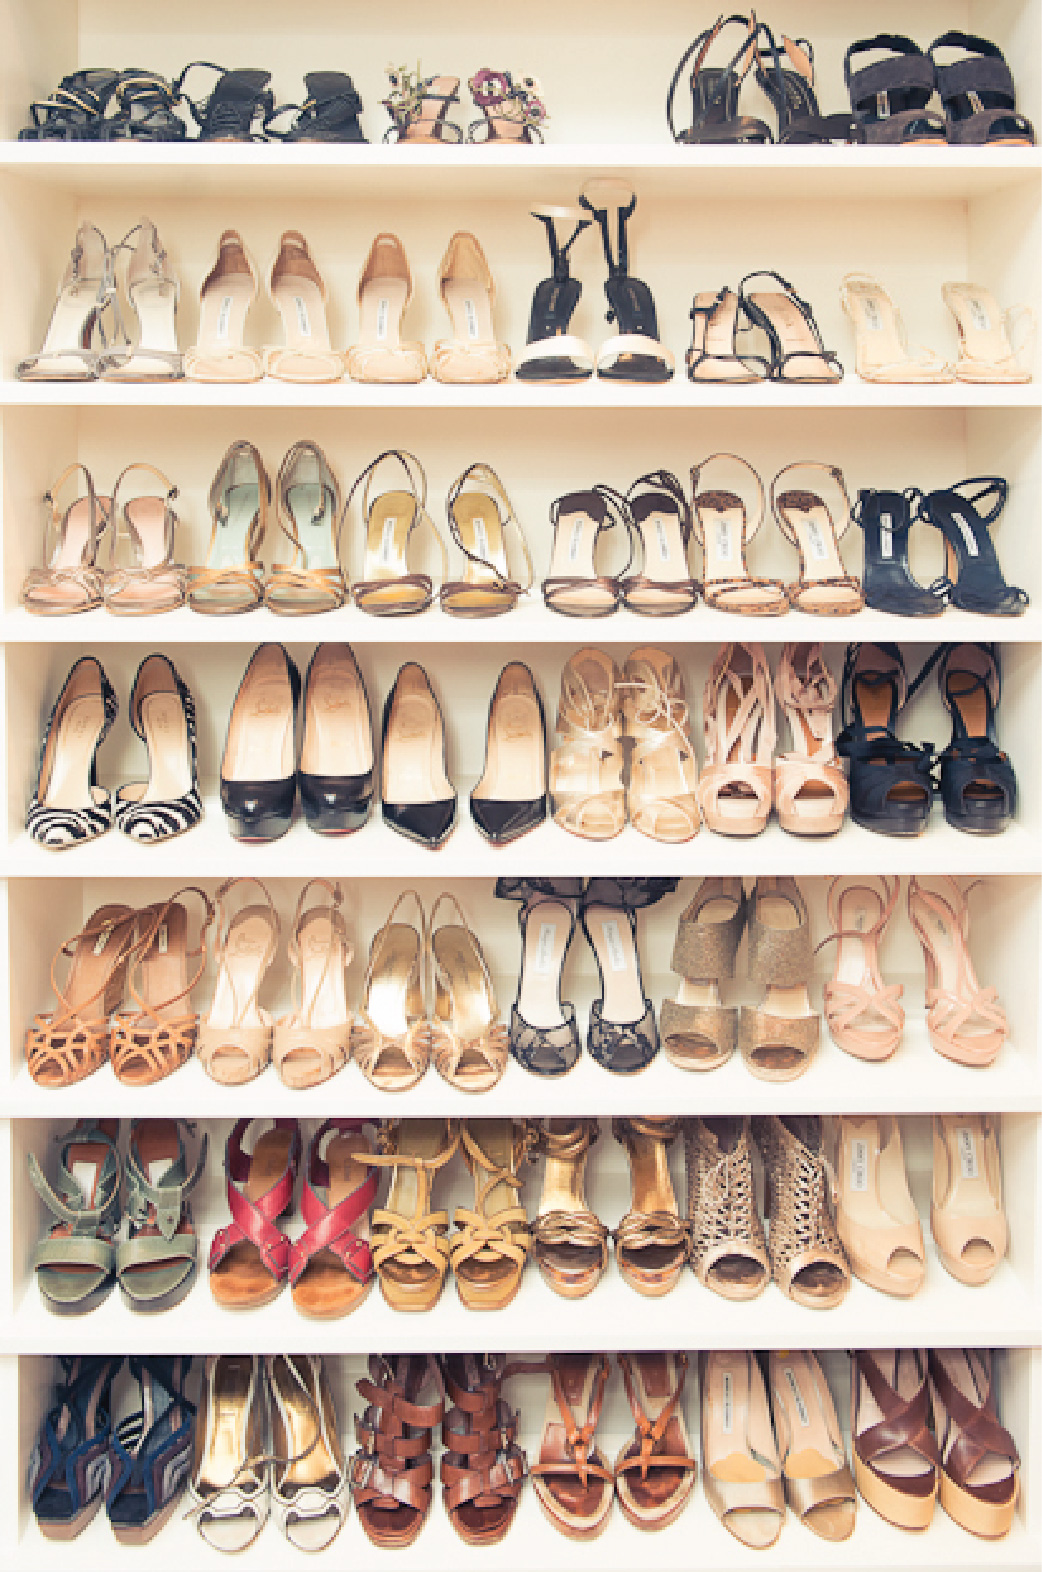 Shoe closet, Shoe Lover, Monique Lhuiller, The Coveteur, Shoe Self, Closets, Home Decor